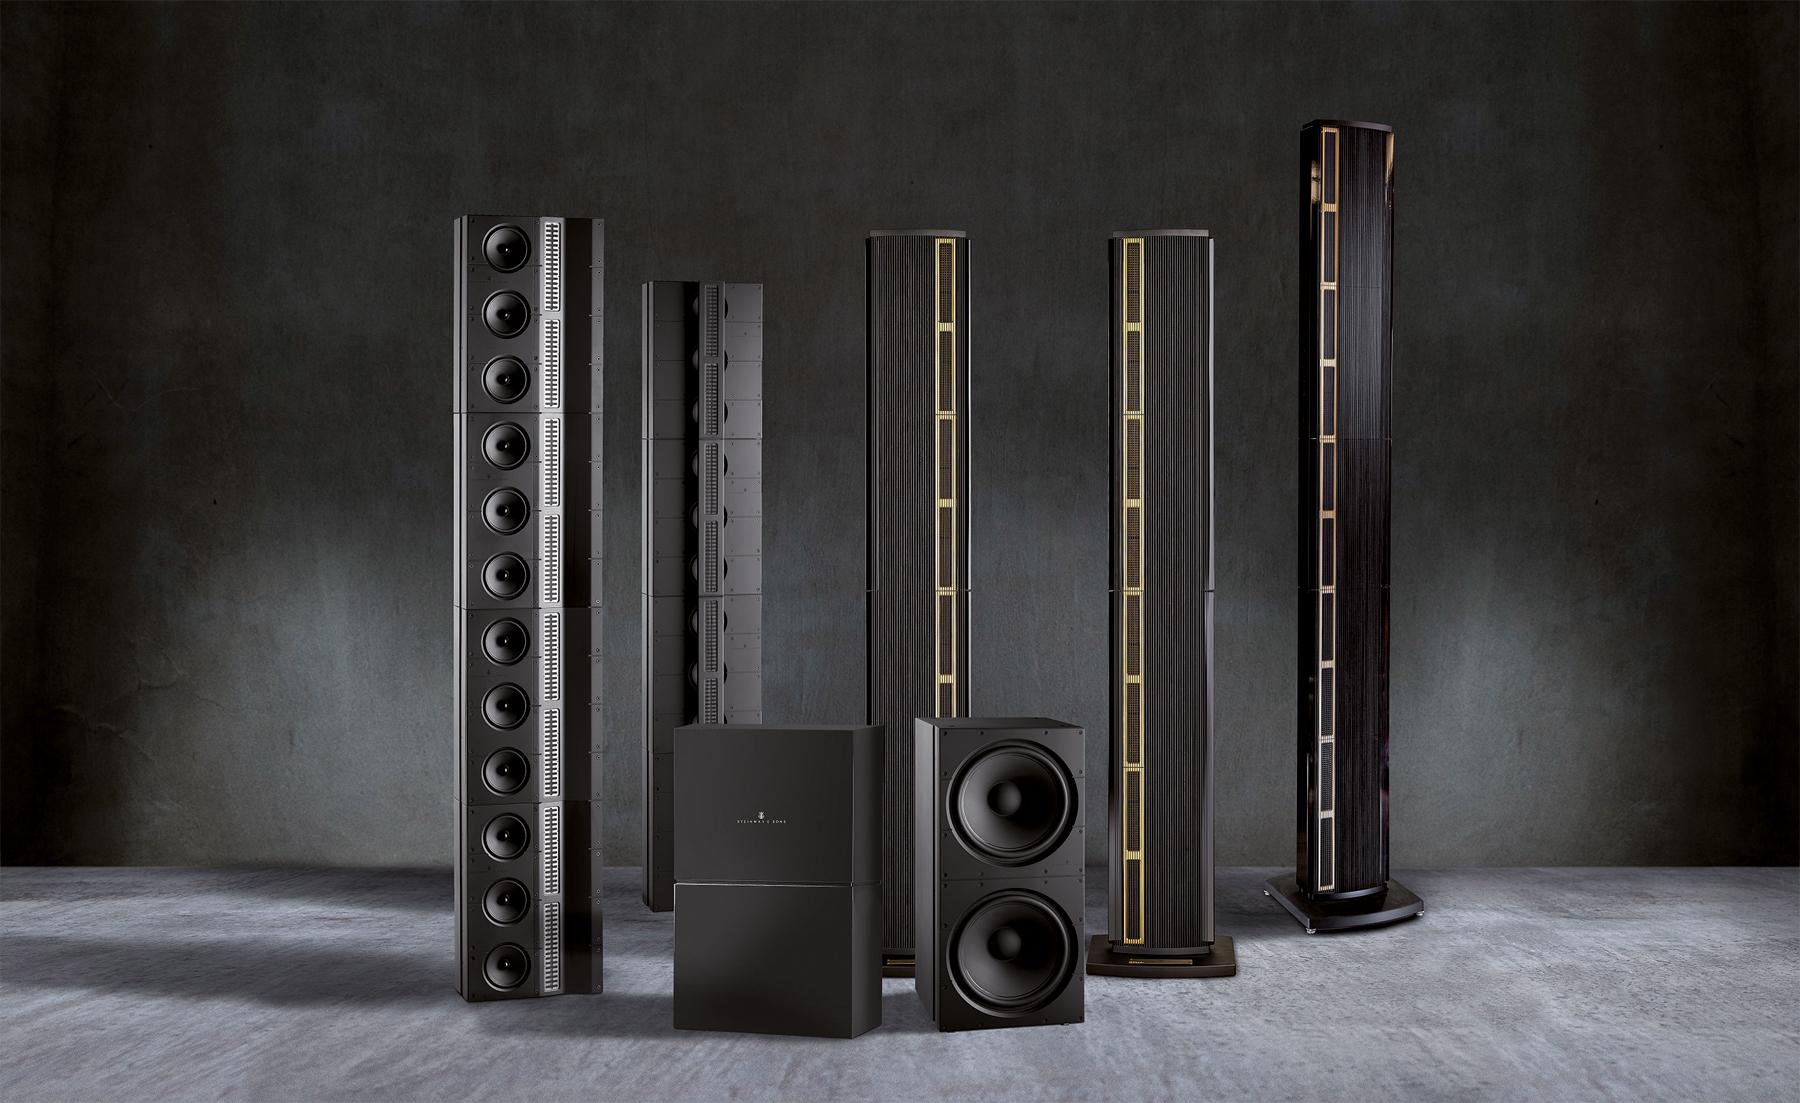 Die LS-Serie bietet einen innovativen Linienquellenansatz mit stapelbaren Lautsprechern vom Boden bis zur Decke und Boundary-Tieftönern. Dies ermöglicht eine Schallausbreitung über große Entfernungen und sorgt so für klangliche Konsistenz durch Reduzierung von Echos, insbesondere in großen Räumen. steinwaylyngdorf.com